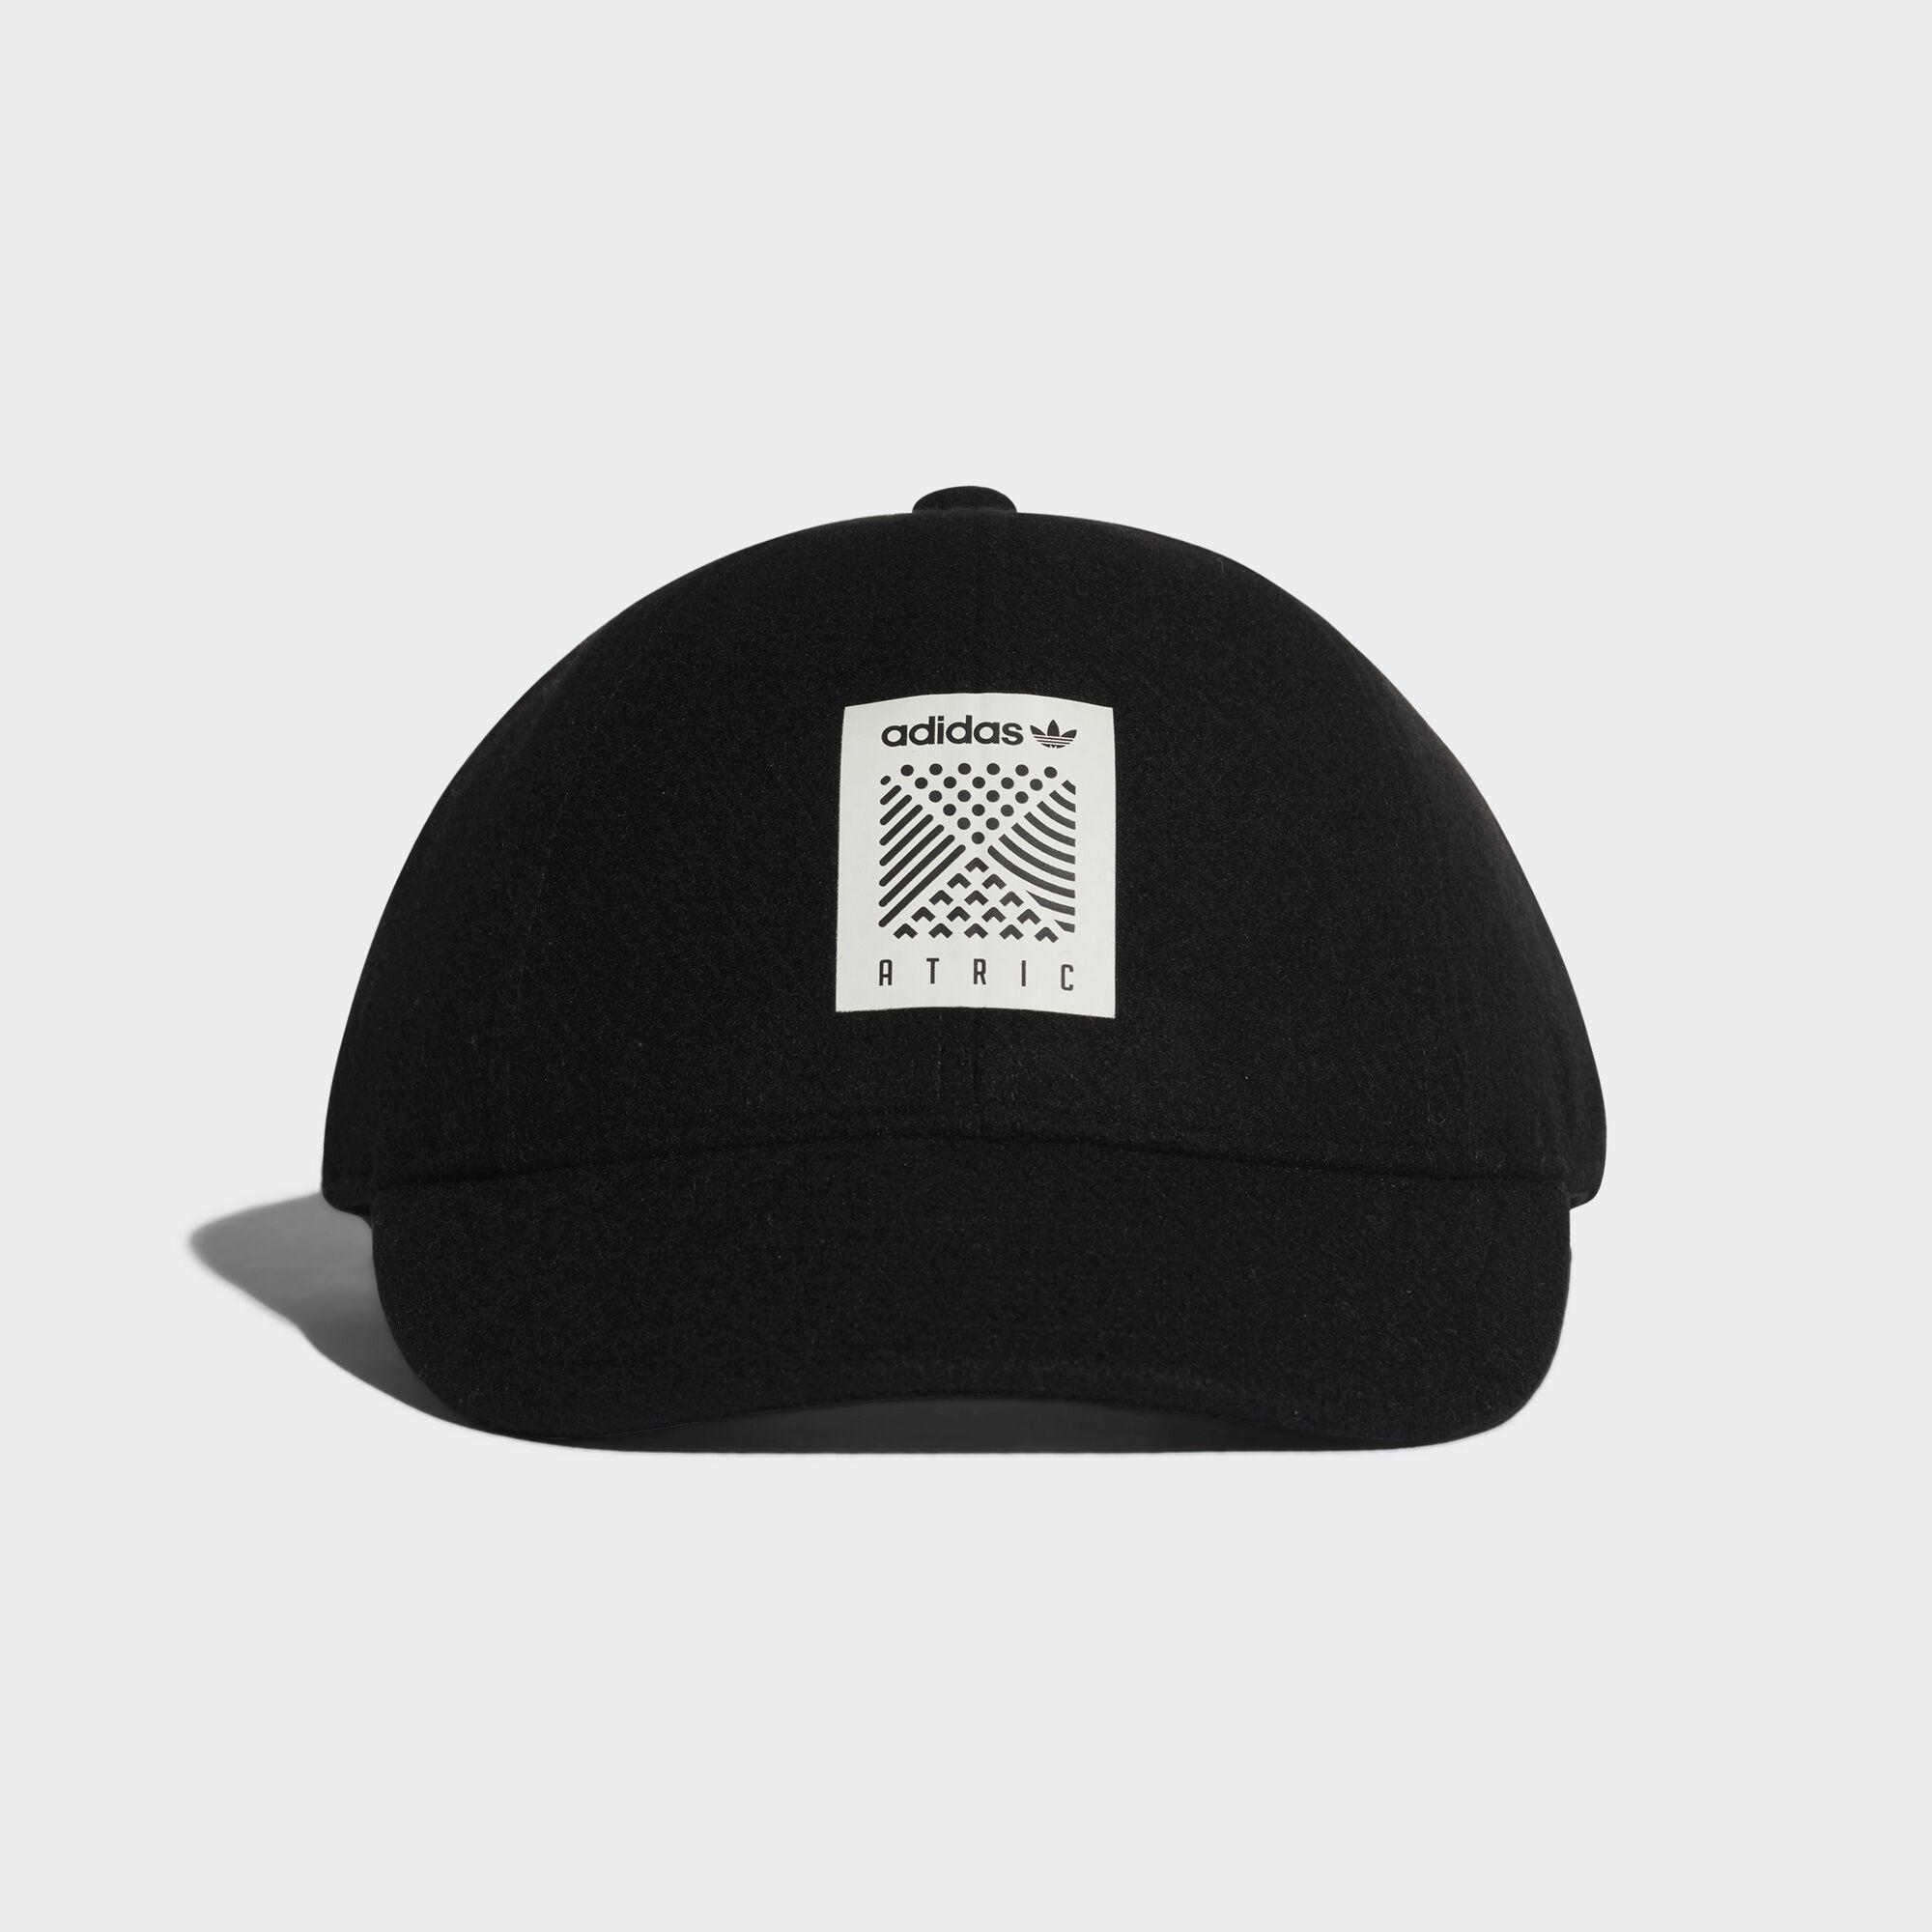 adidas - Atric Baseball Cap Black DH3301 da81825587a